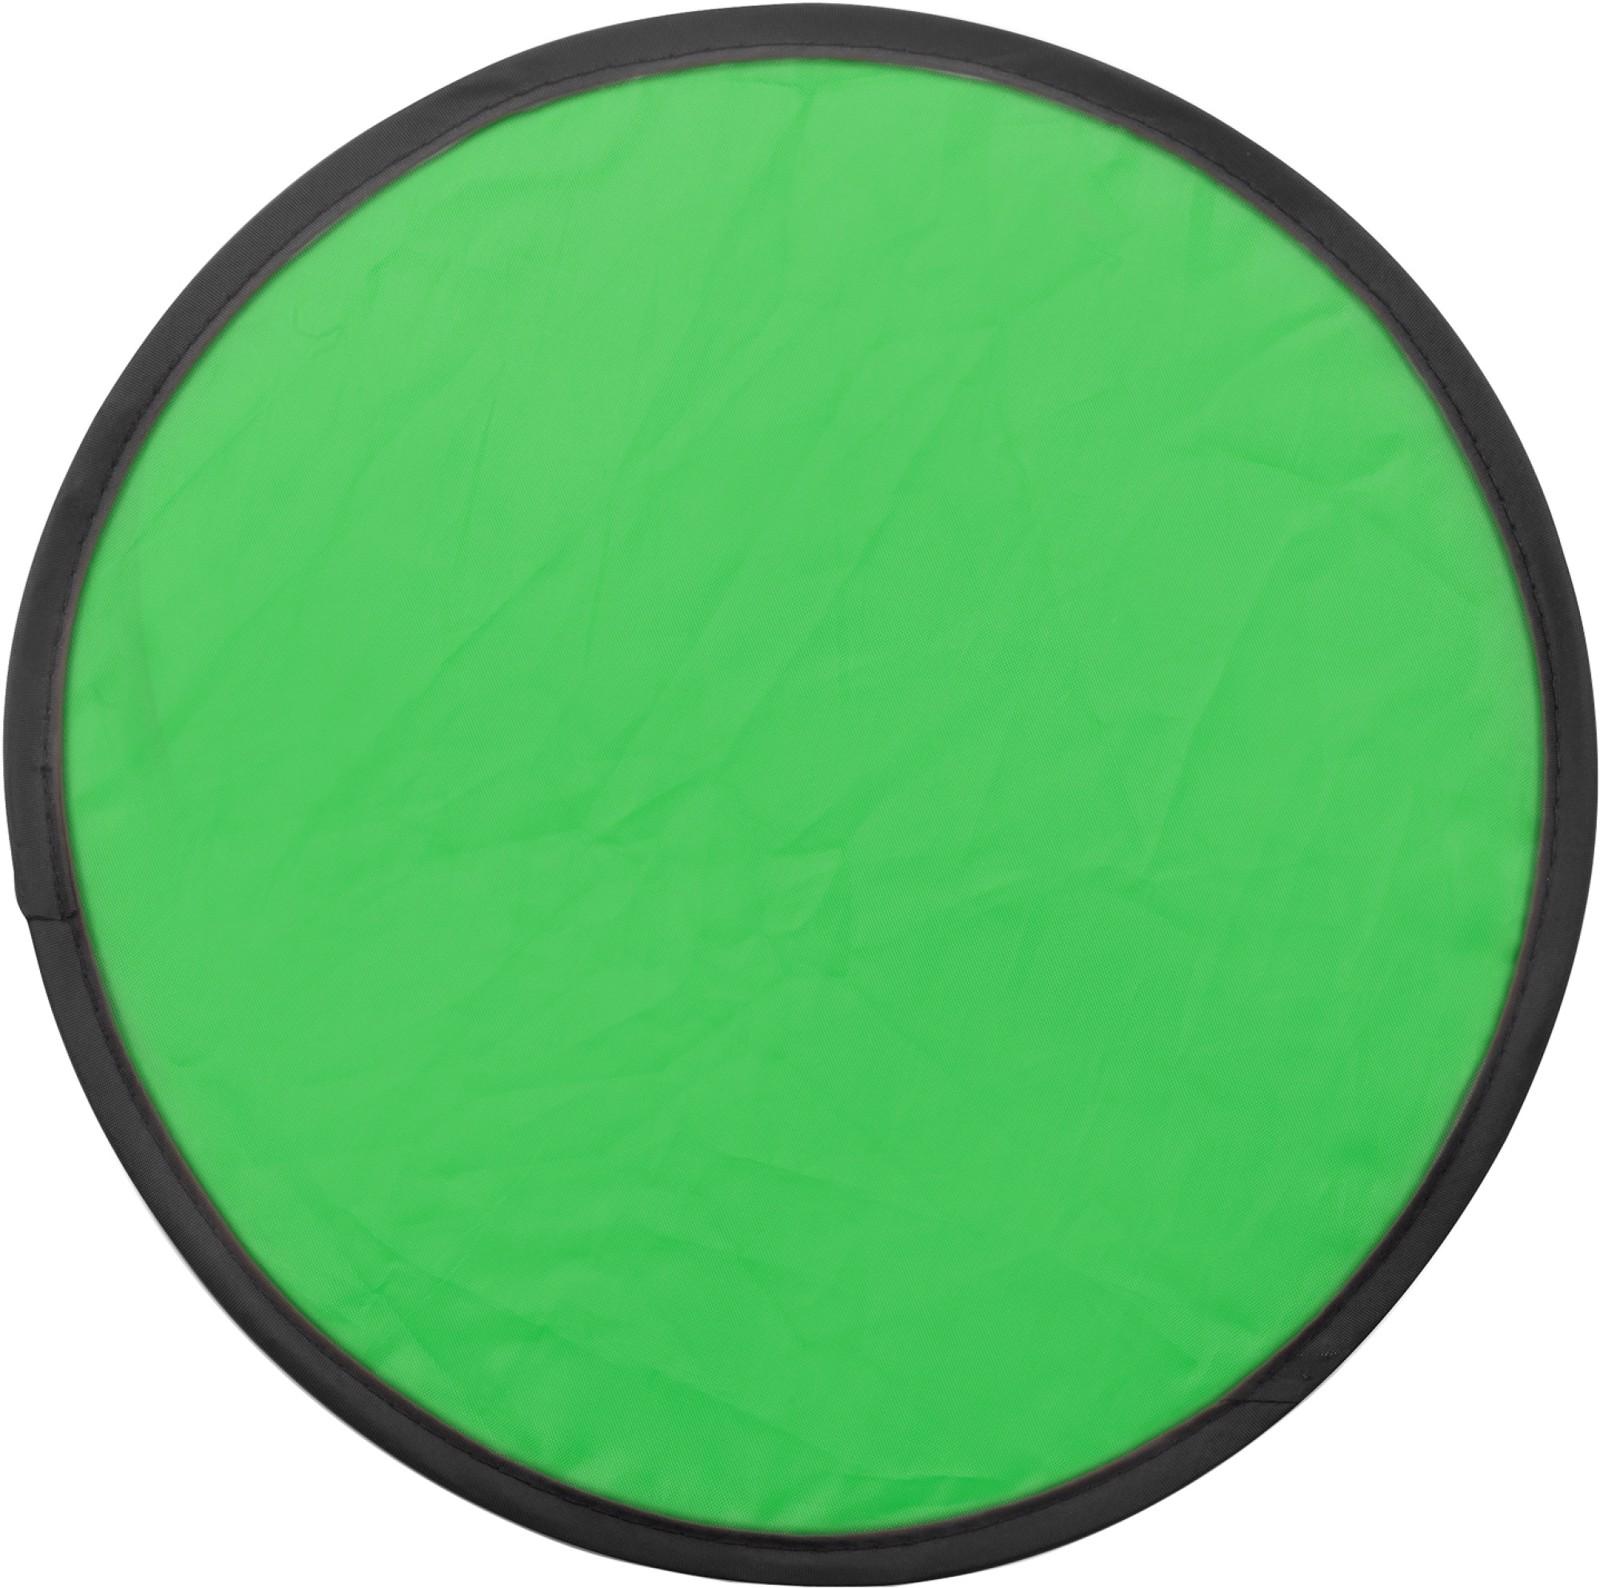 Nylon (170T) Frisbee - Light Green